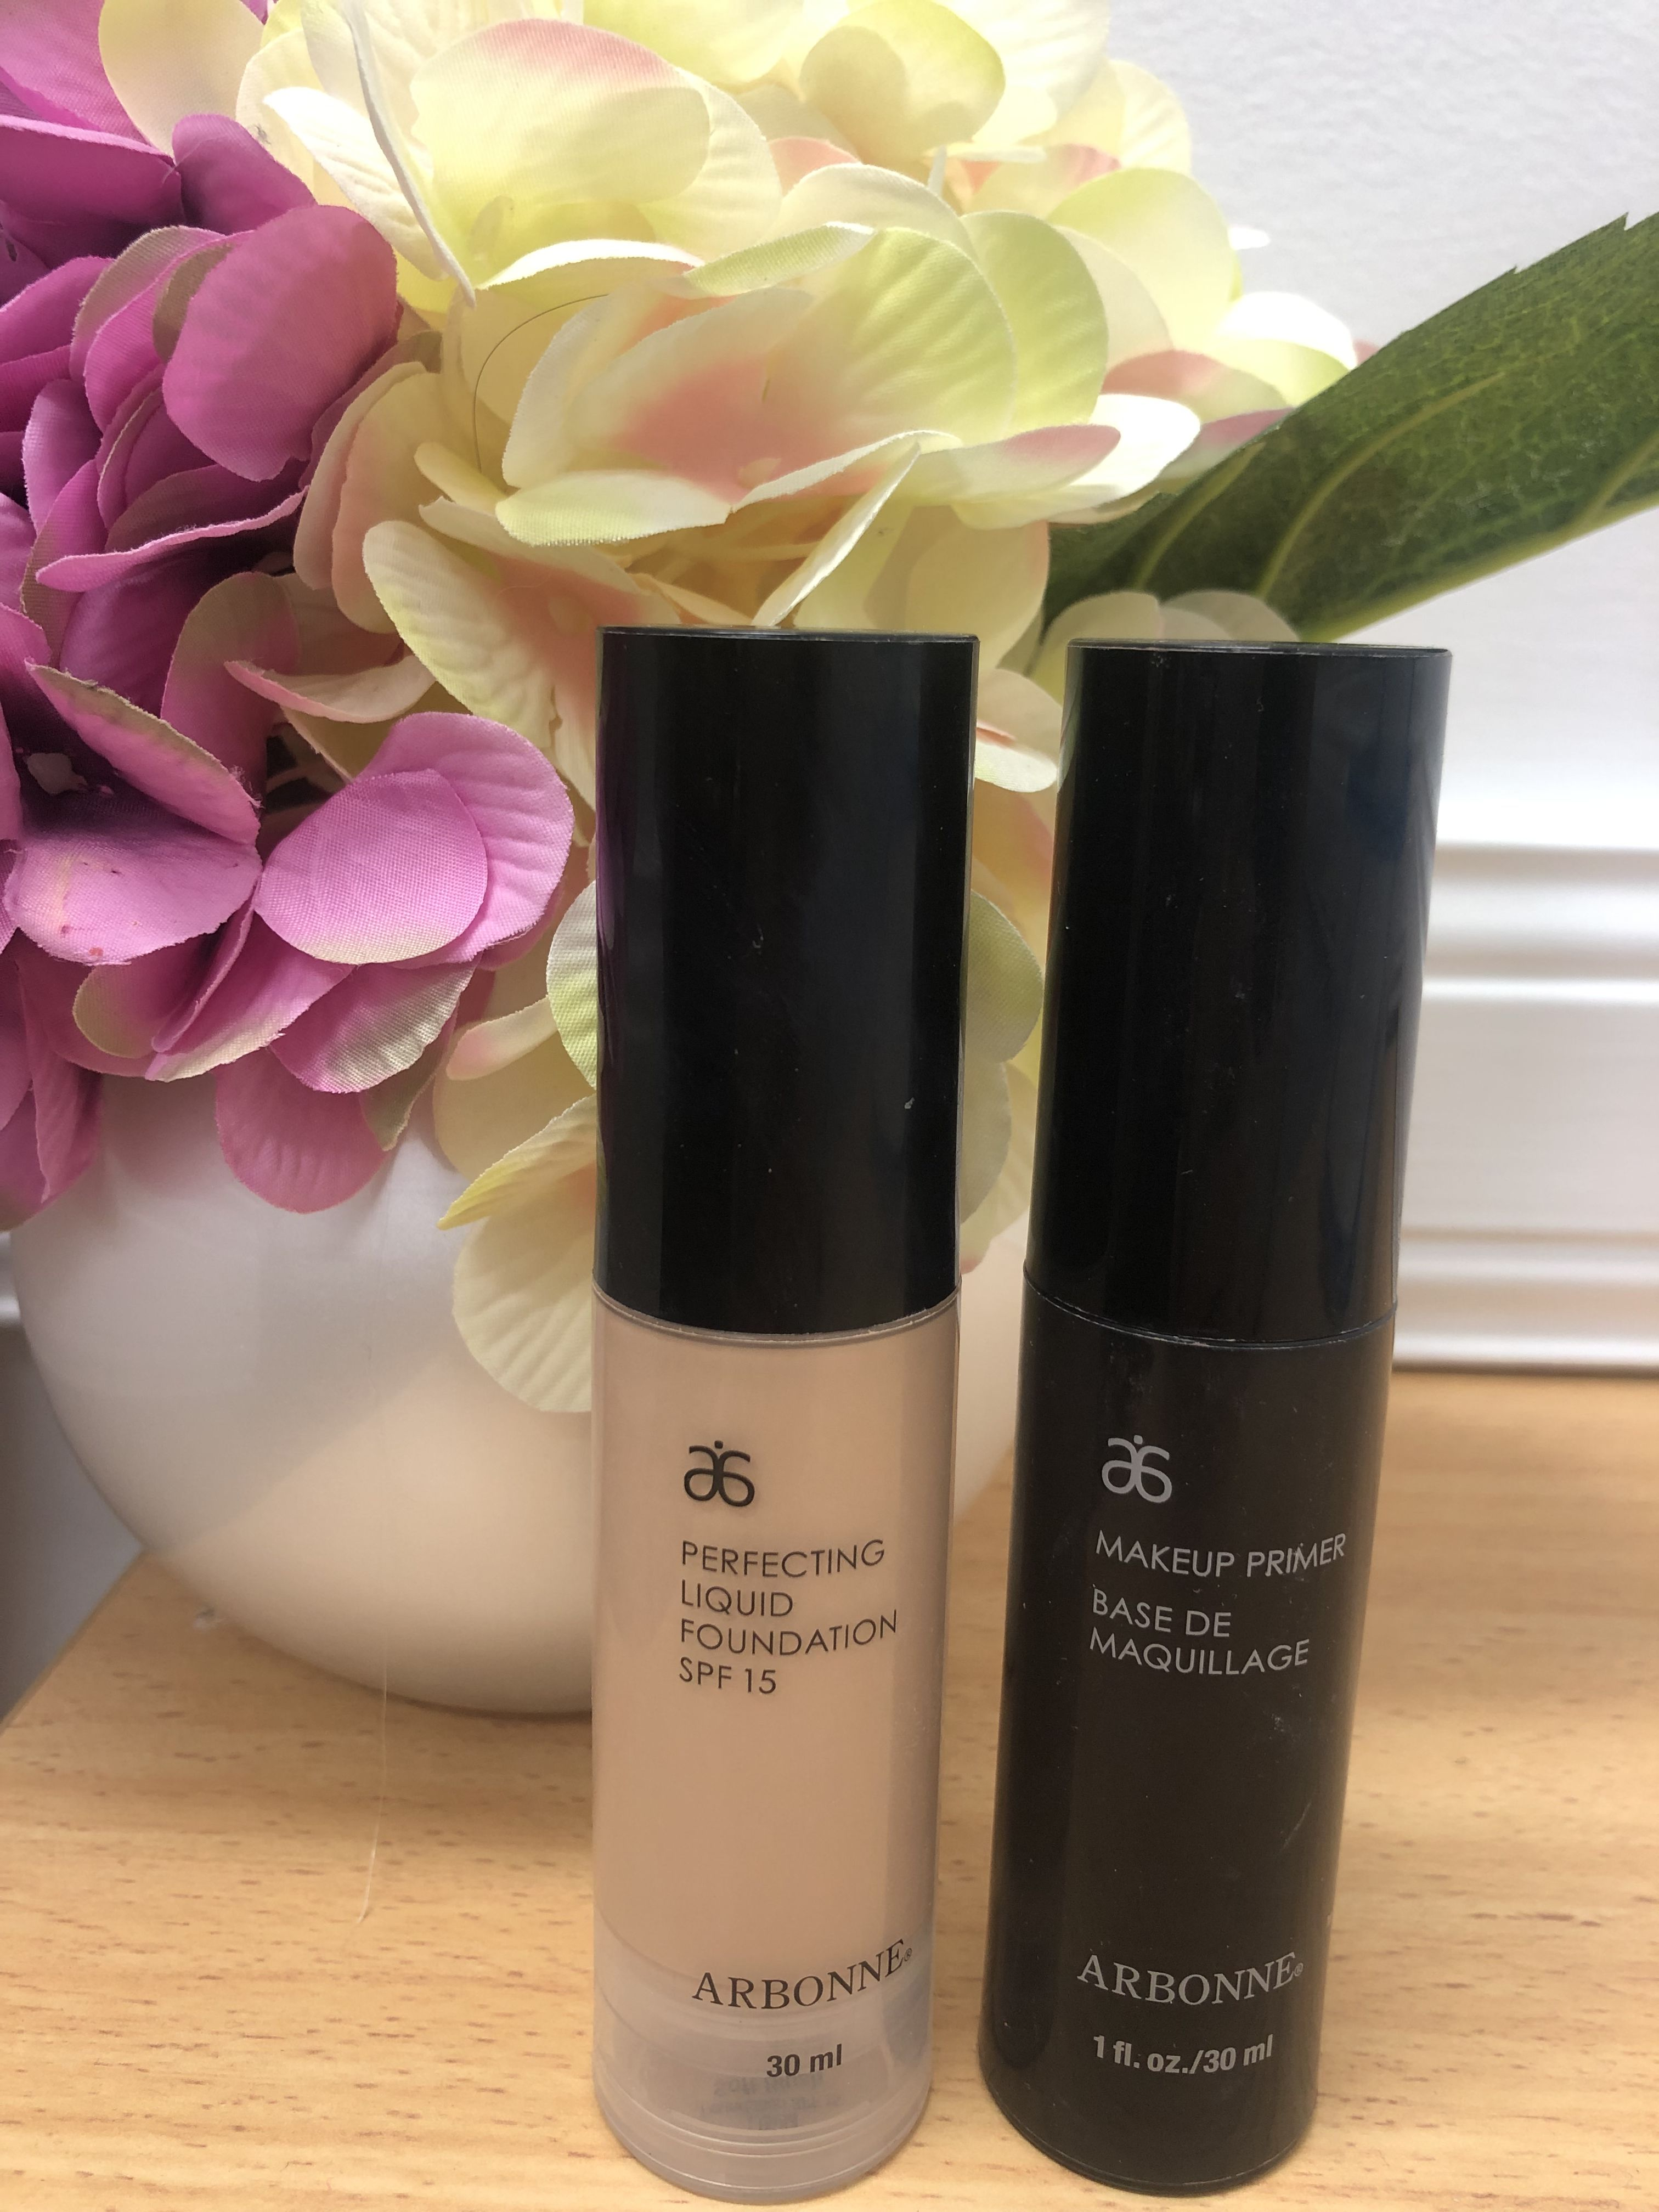 Dynamic Duo Makeup Primer Simple Skincare Arbonne Makeup